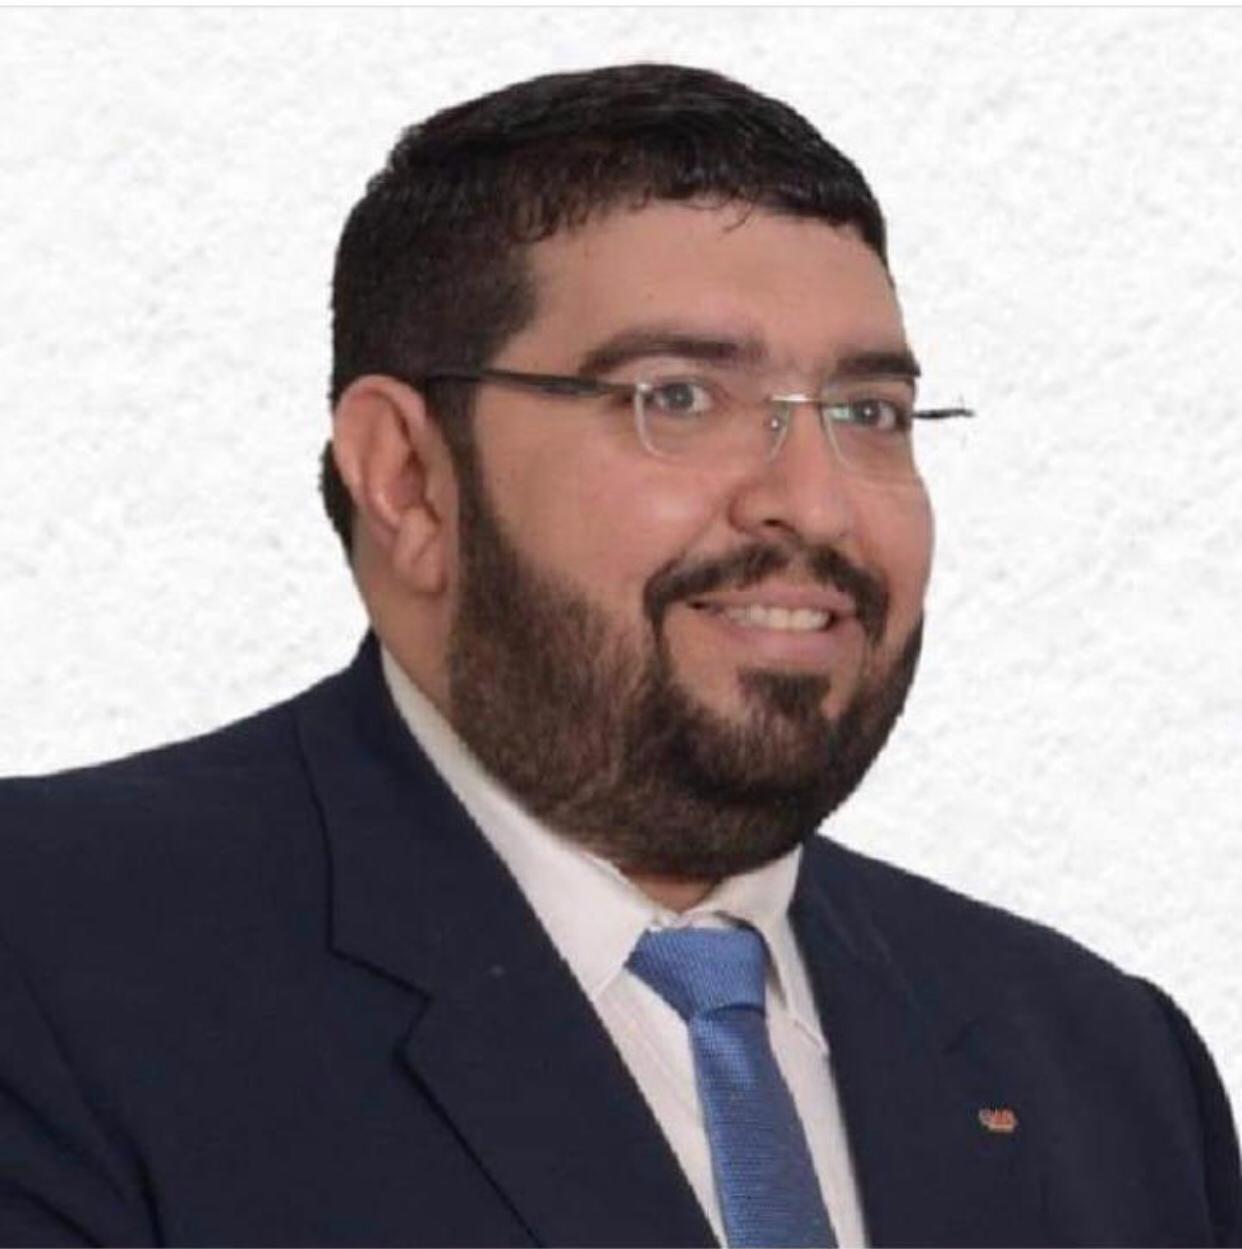 WhatsApp Image 2019 03 17 at 08.02.26 - CORAÇÃO MATA MAIS UM JOVEM ADVOGADO: Vice-presidente da OAB Morreu hoje aos 37 anos